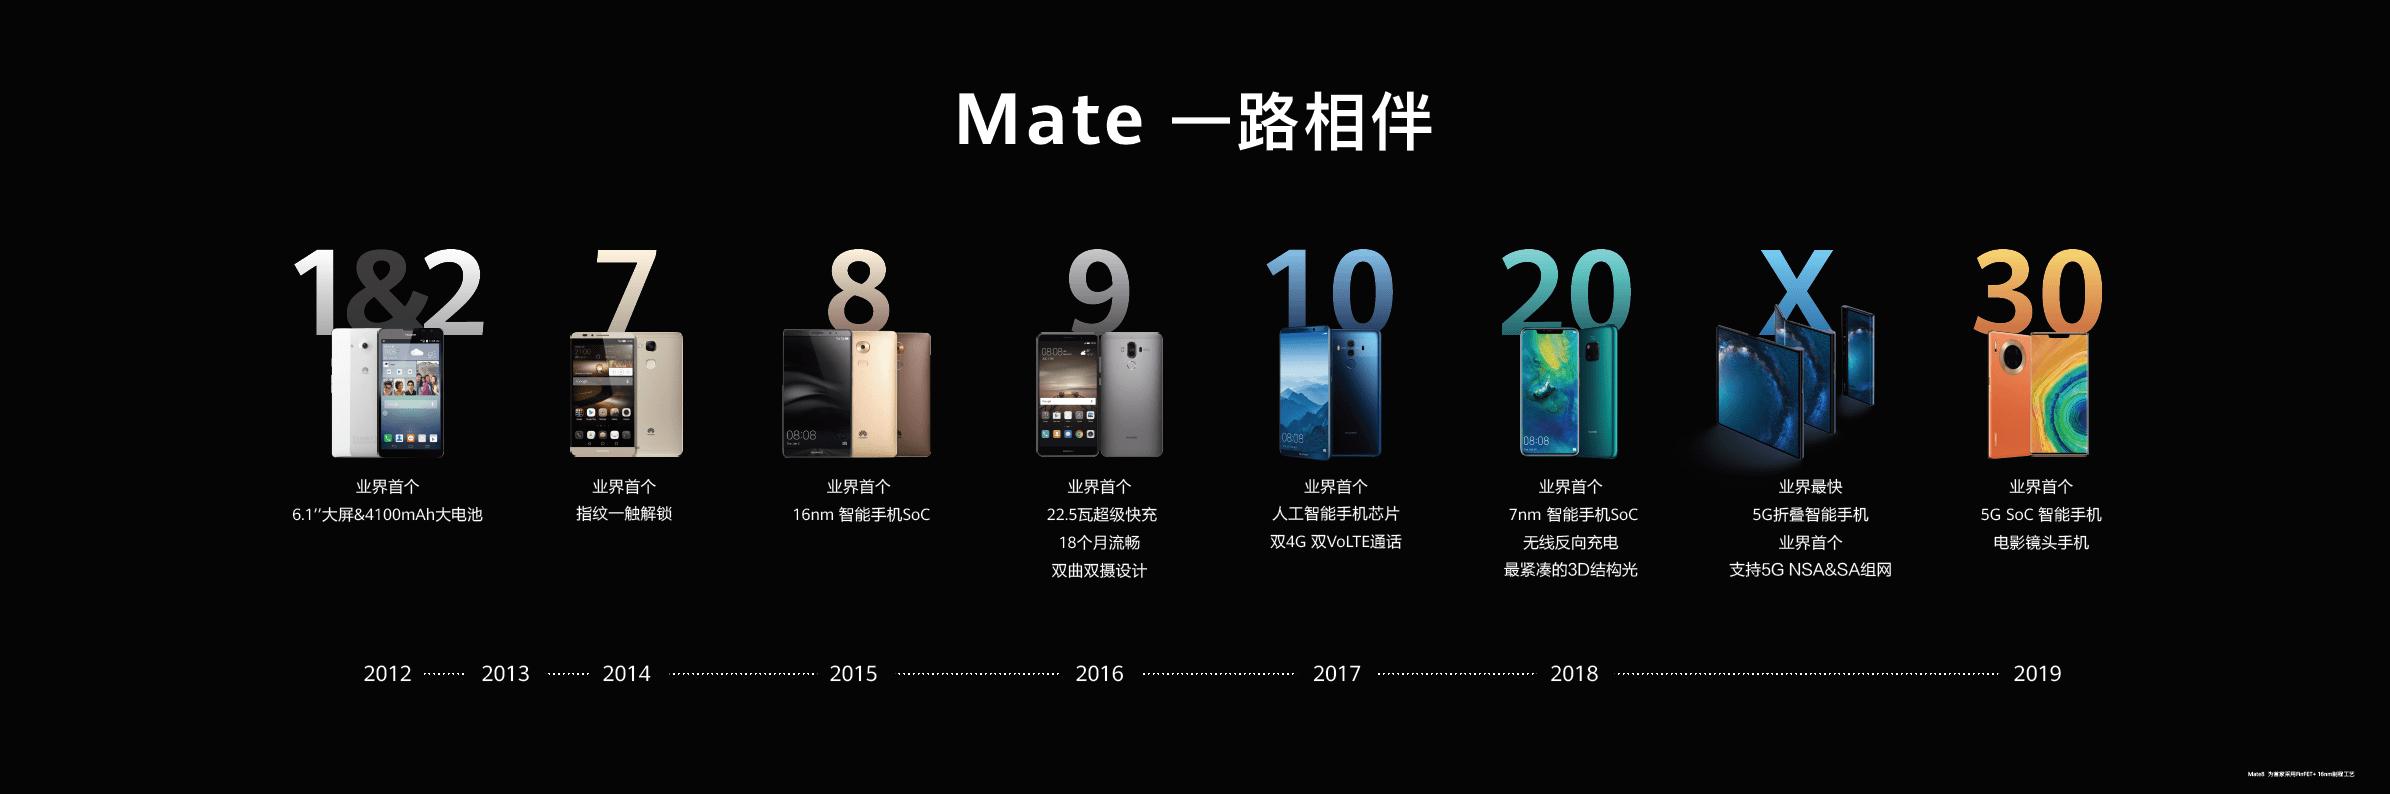 畅连大文件闪传,华为Mate40系列首推5G杀手级应用